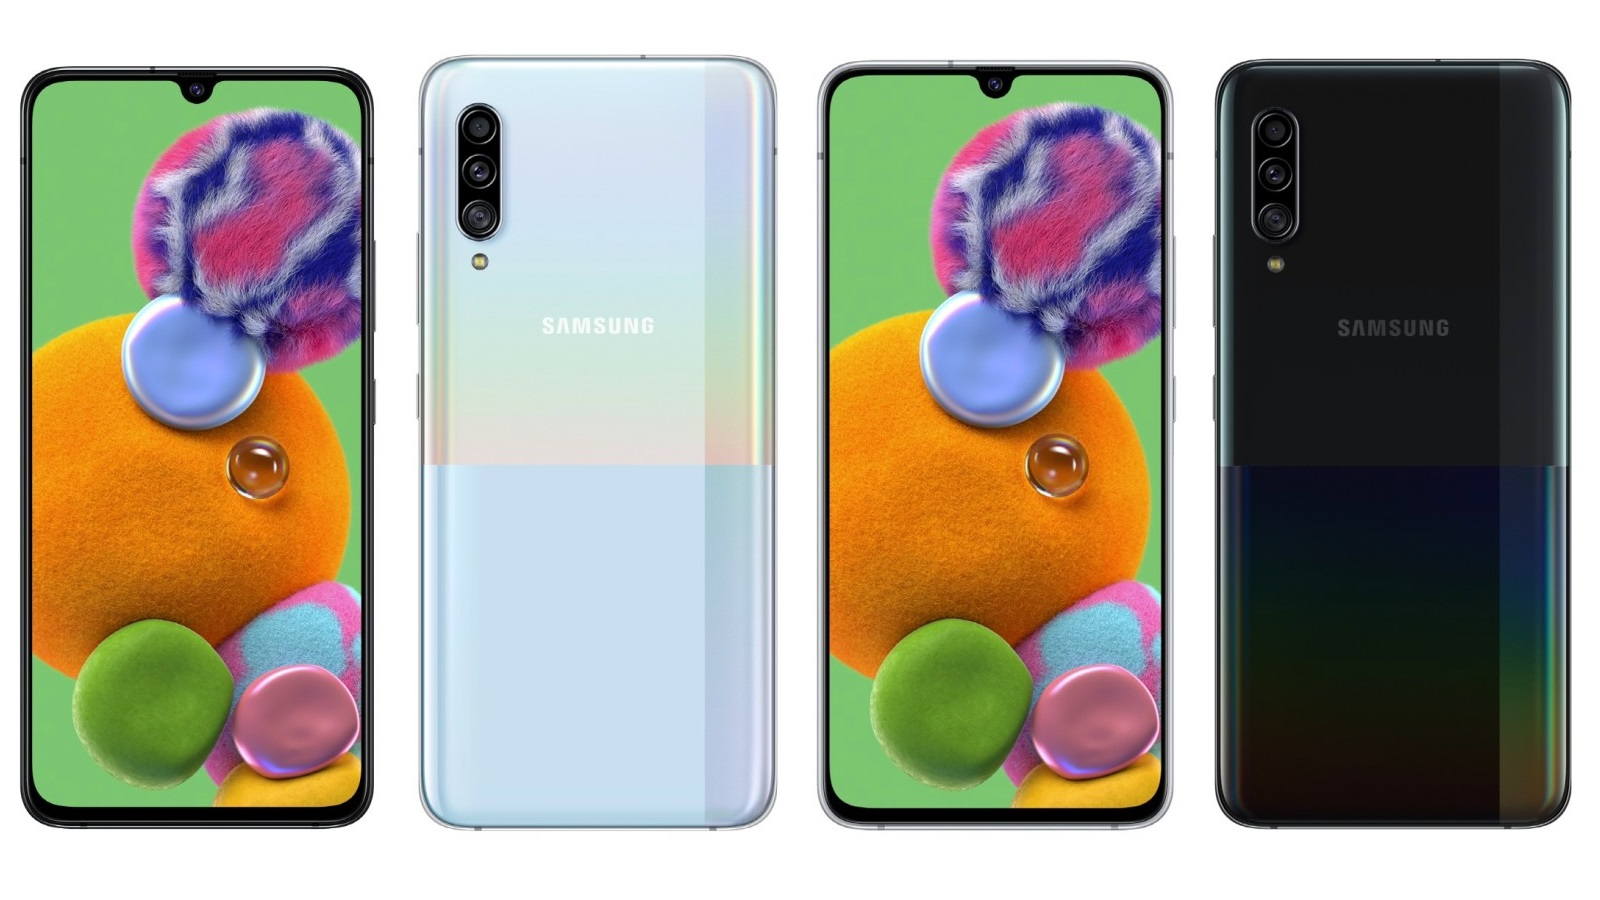 الكشف عن أحدث هواتف Samsung المنتمية للفئة الرائدة منخفضة الثمن Samsung Galaxy A90 5G